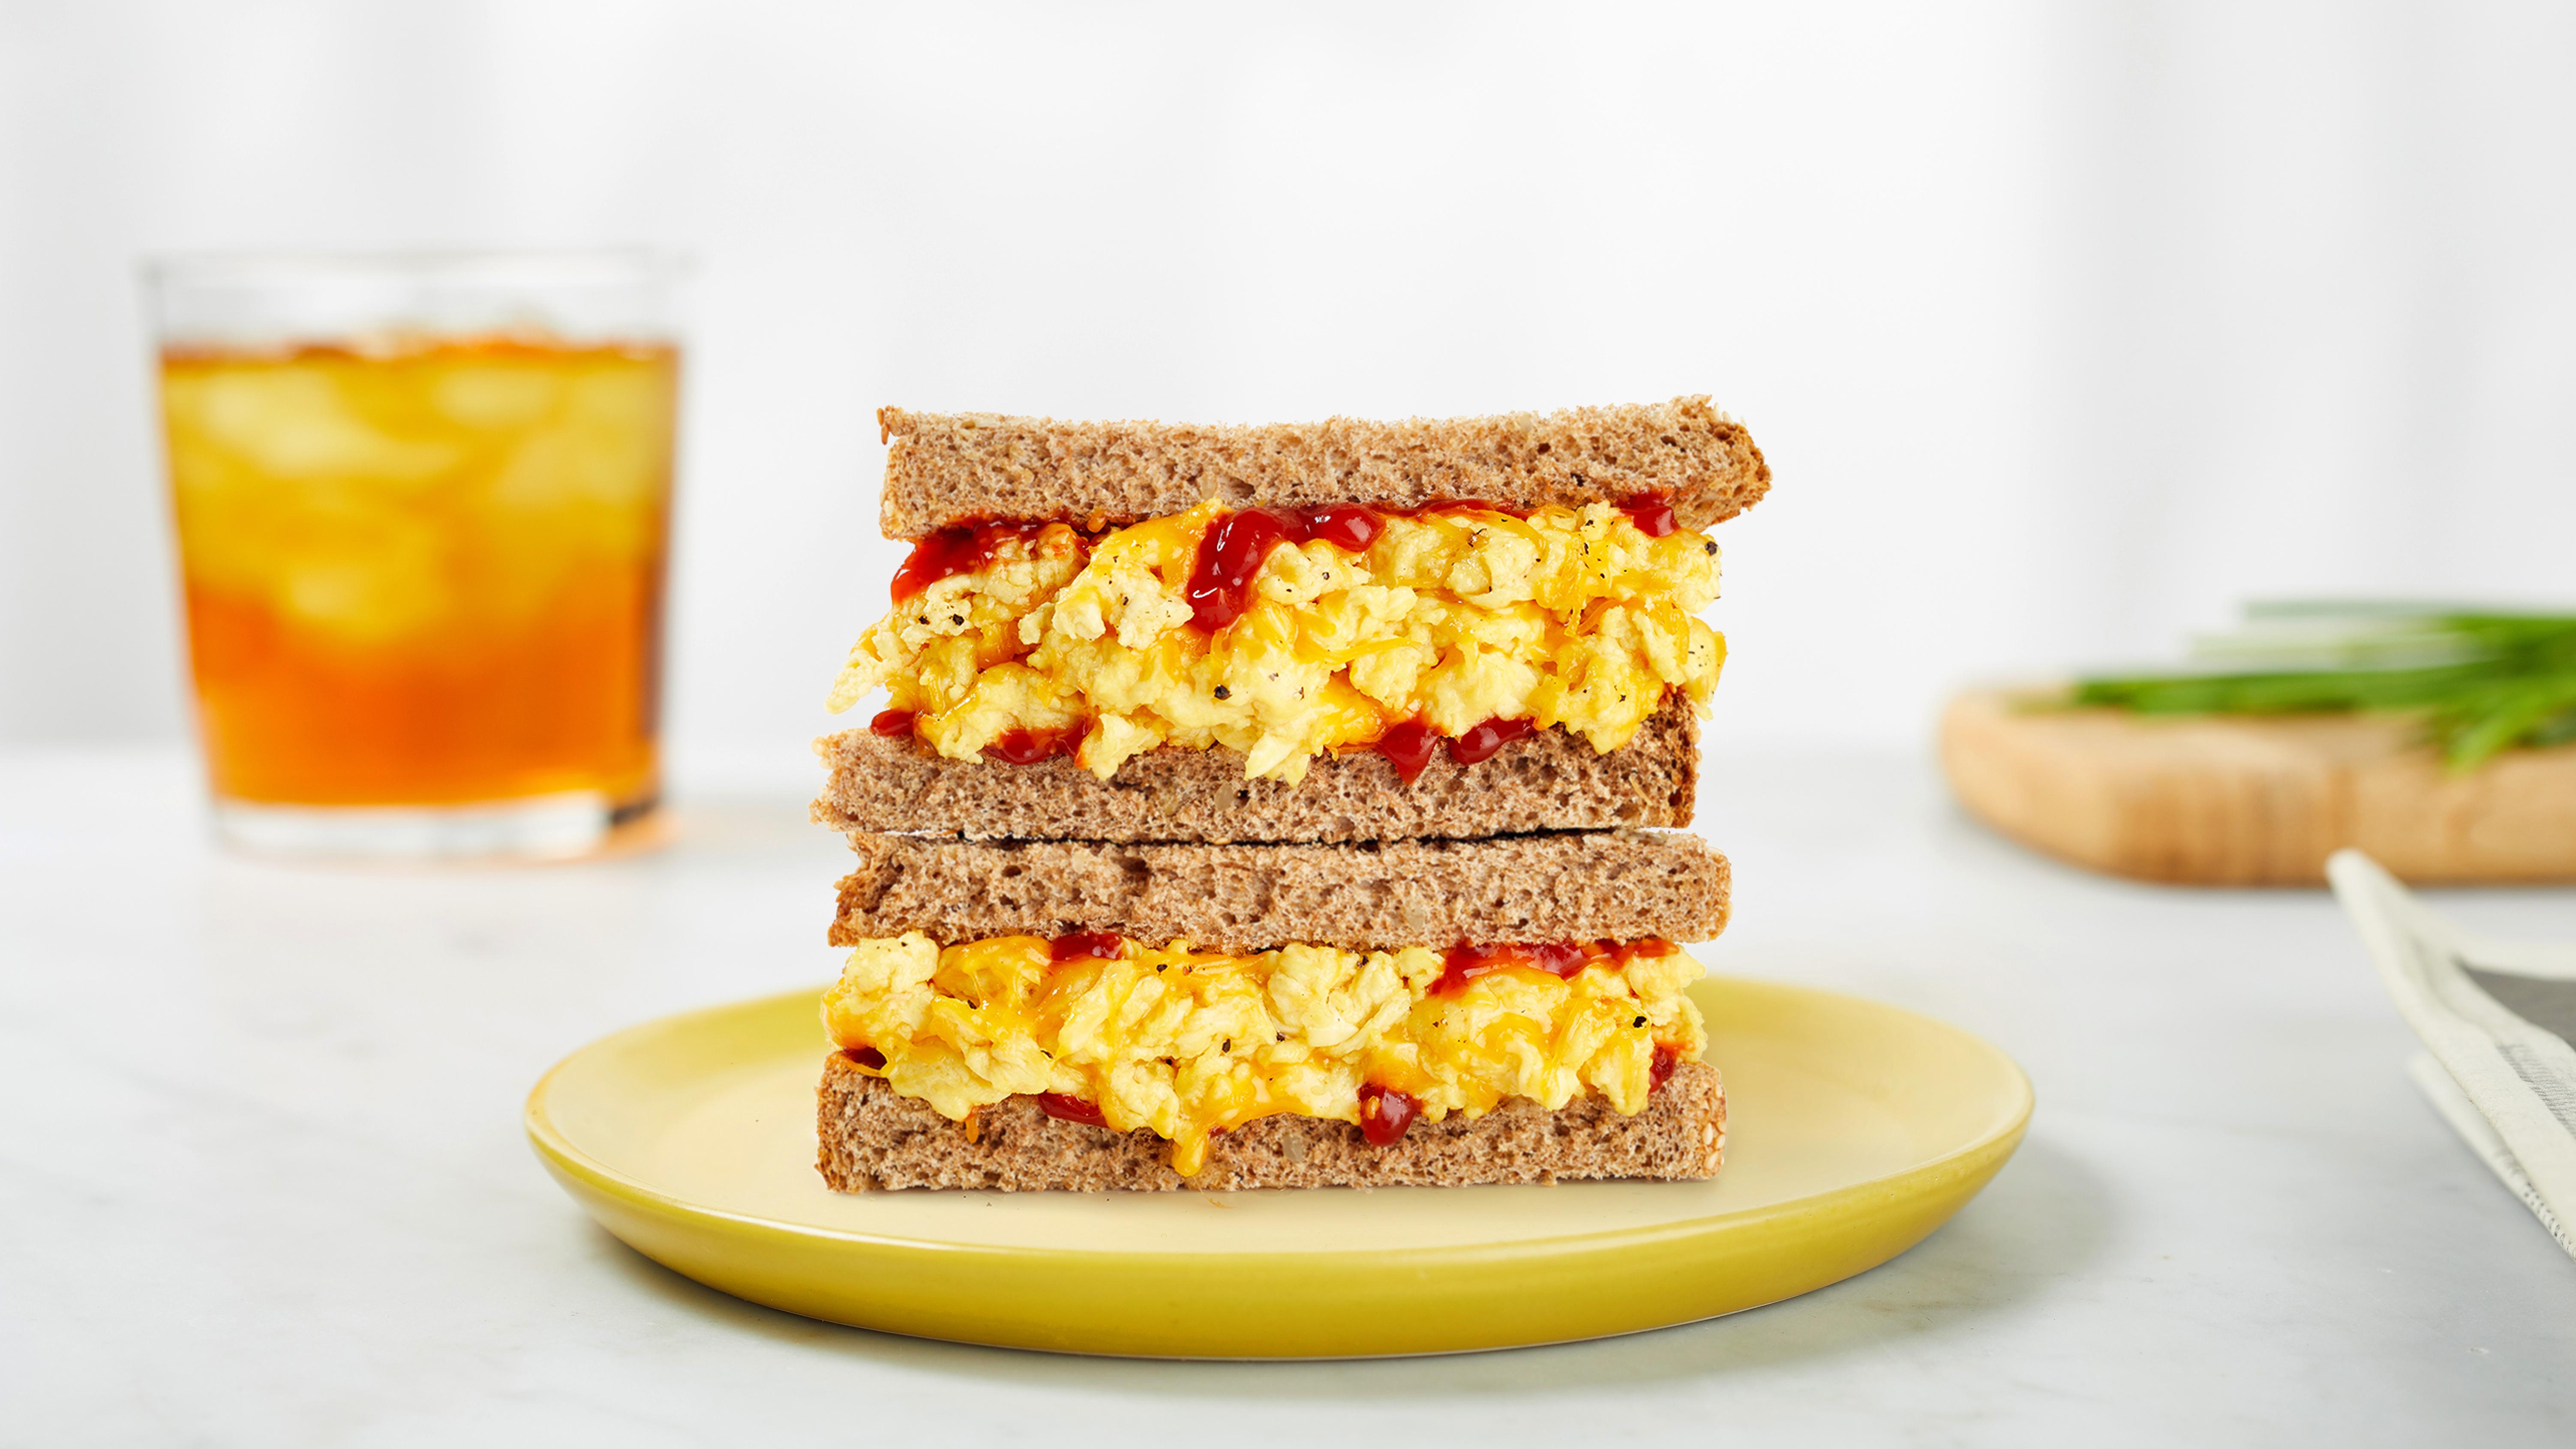 В канадской сети закусочных начали тестировать сэндвичи с искусственными яйцами